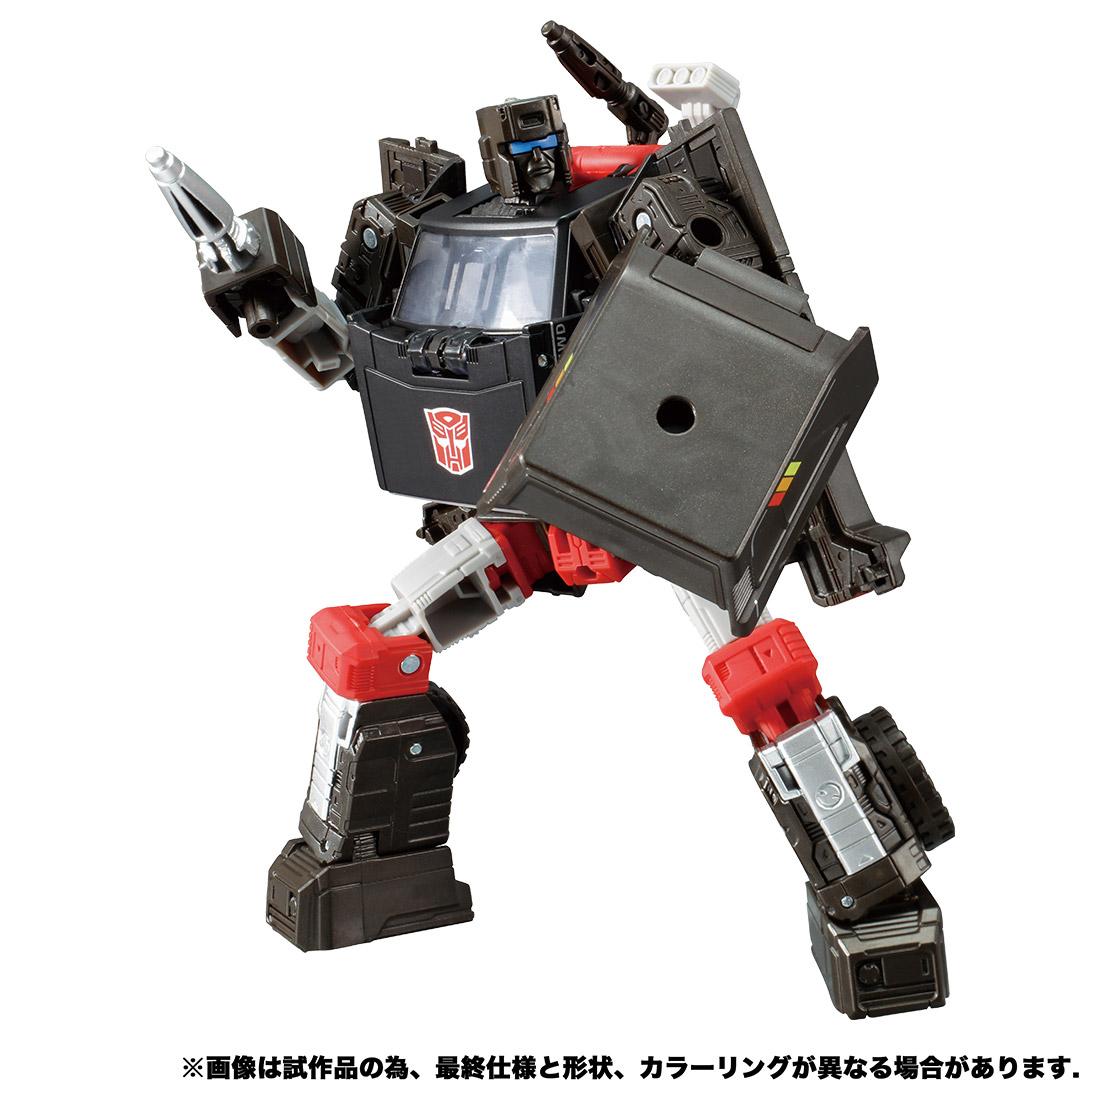 【限定販売】トランスフォーマー アースライズ『ER EX-13 トレイルブレイカー』可変可動フィギュア-001